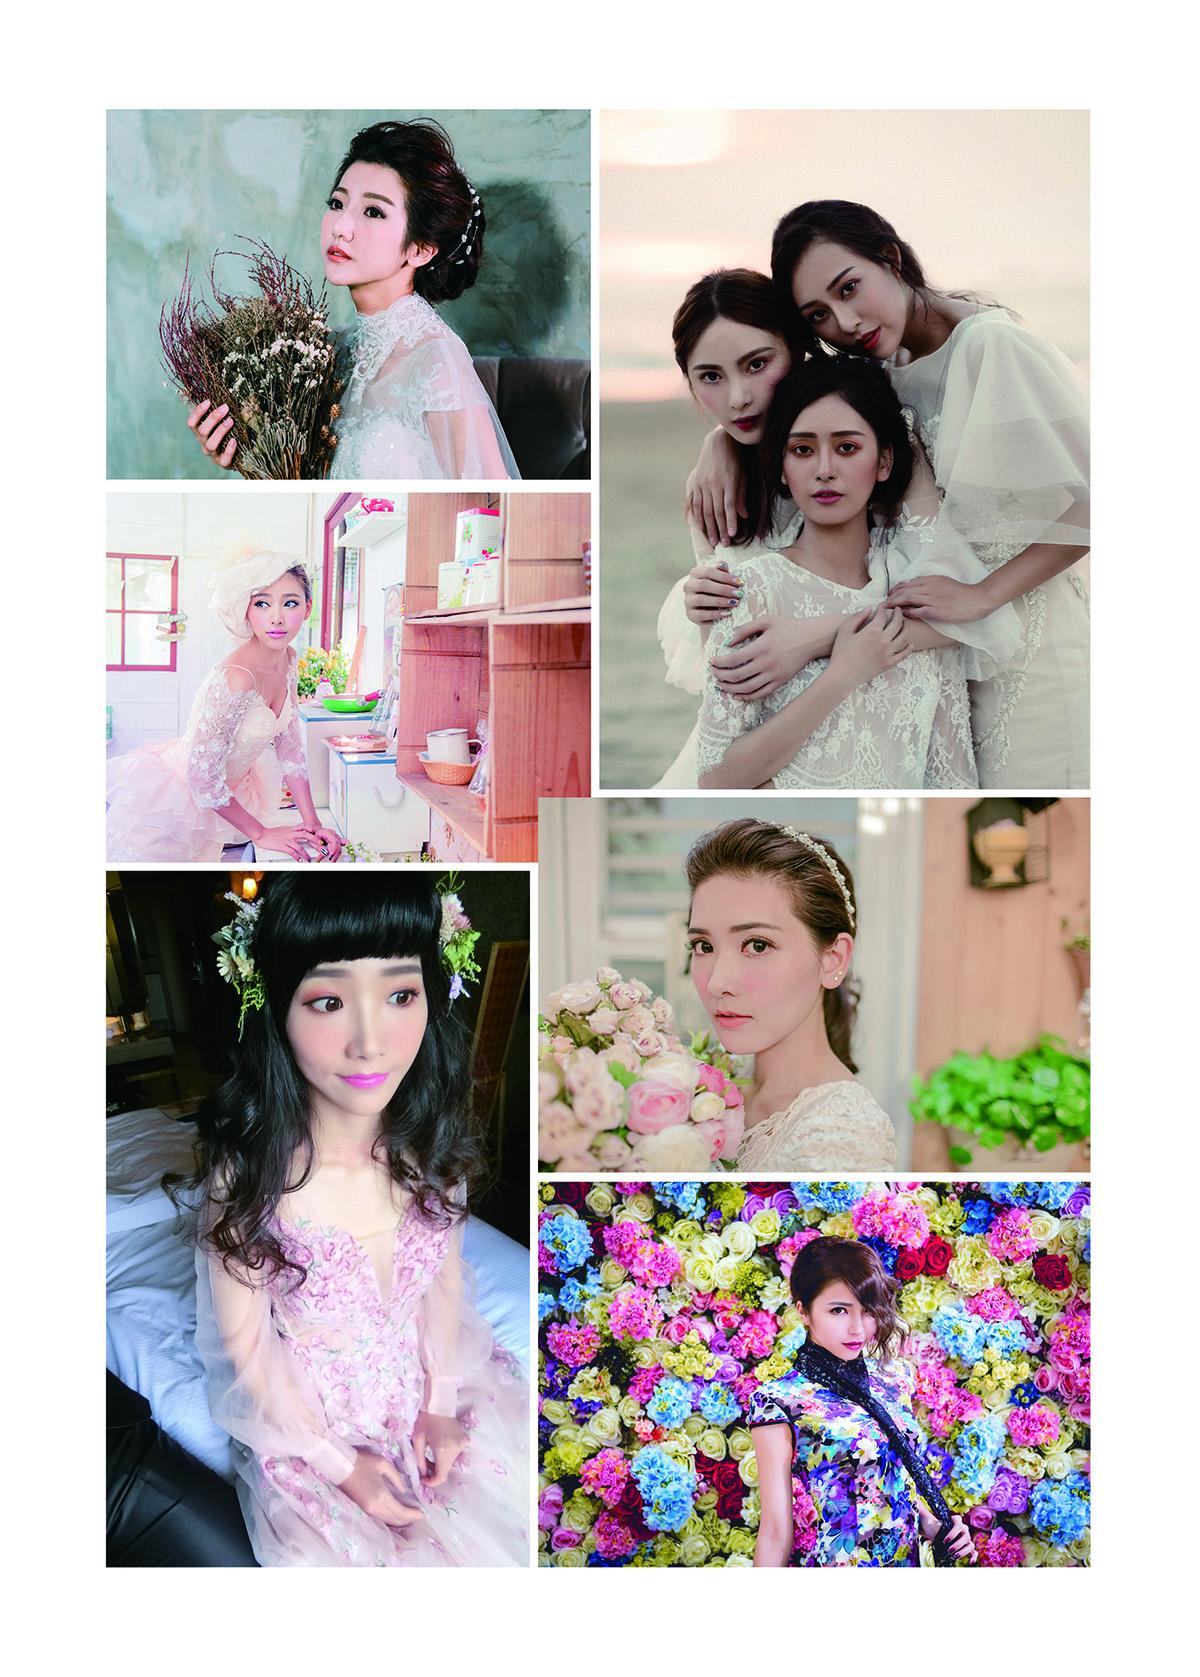 婚禮人2019 Page4 方美玉VVNFS新娘物語Weddings新娘秘書推薦報導